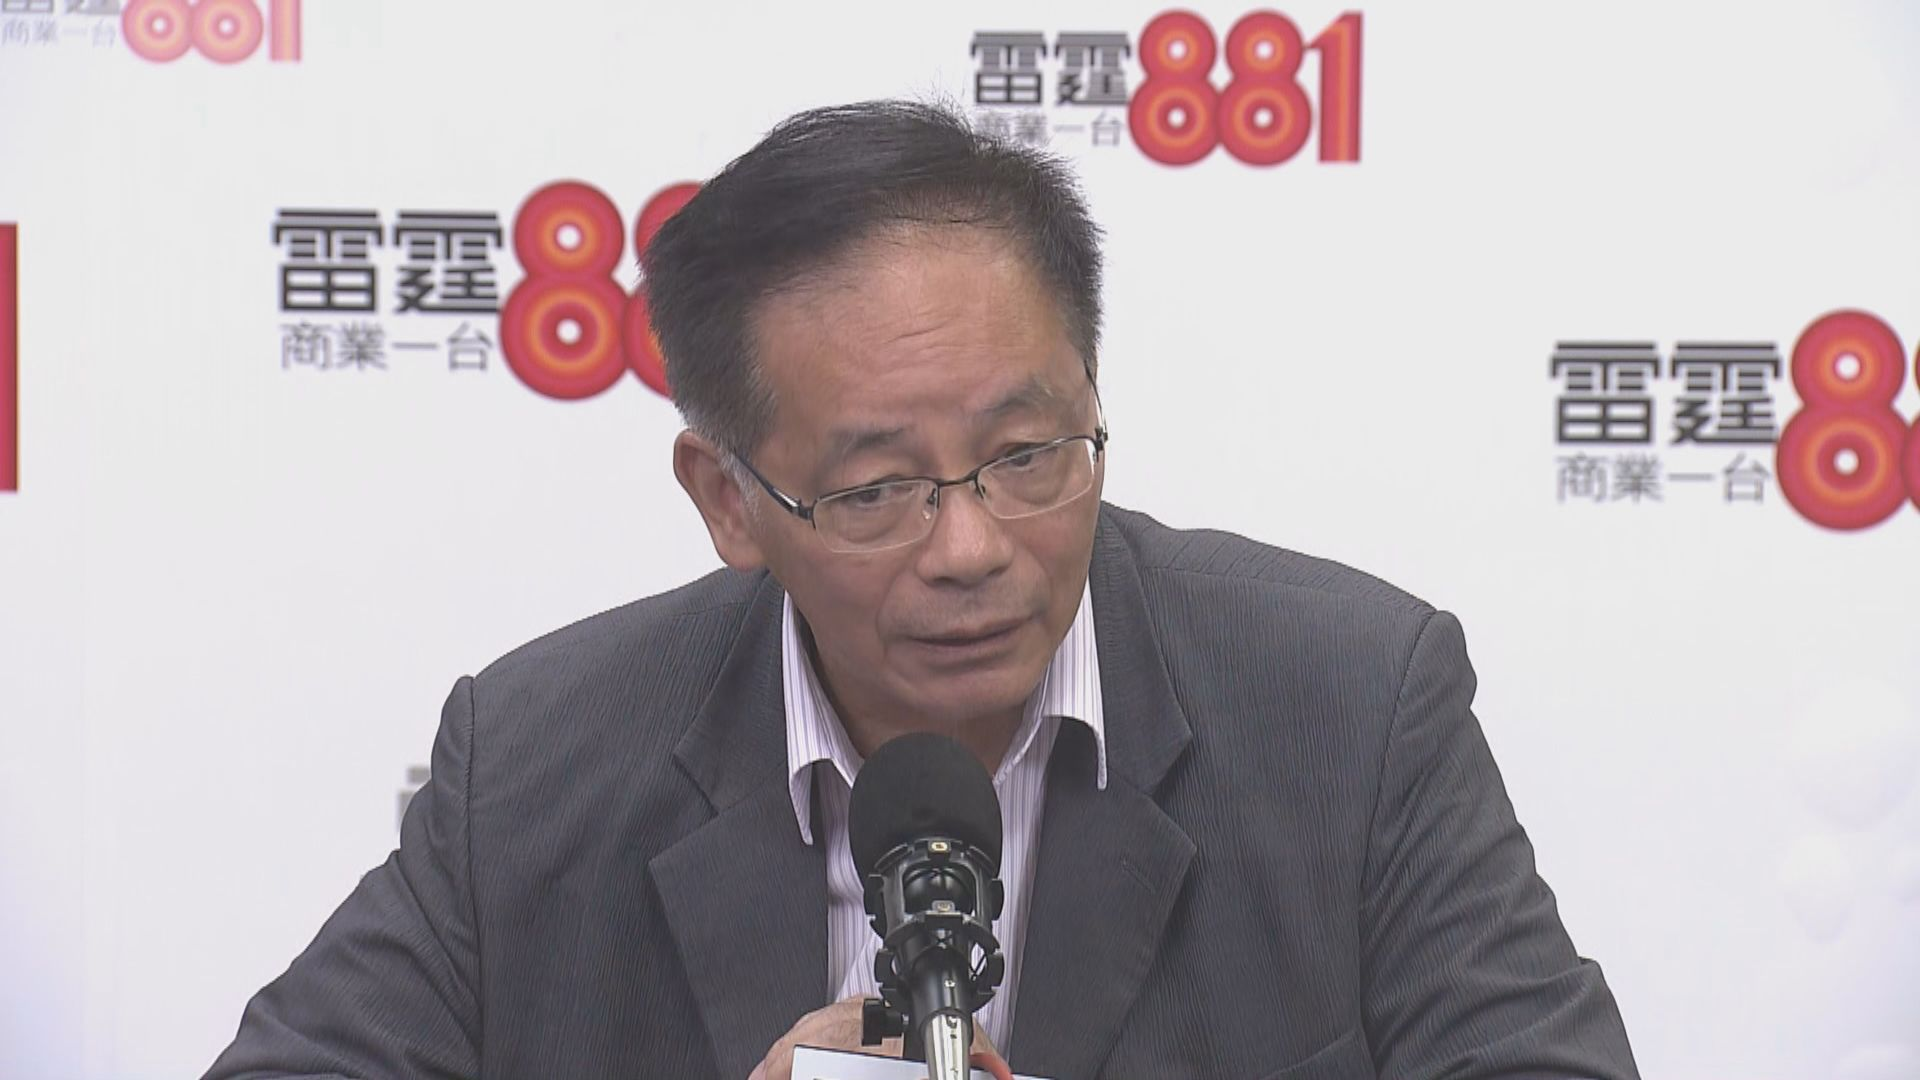 葉國謙指反修例示威有外國勢力介入